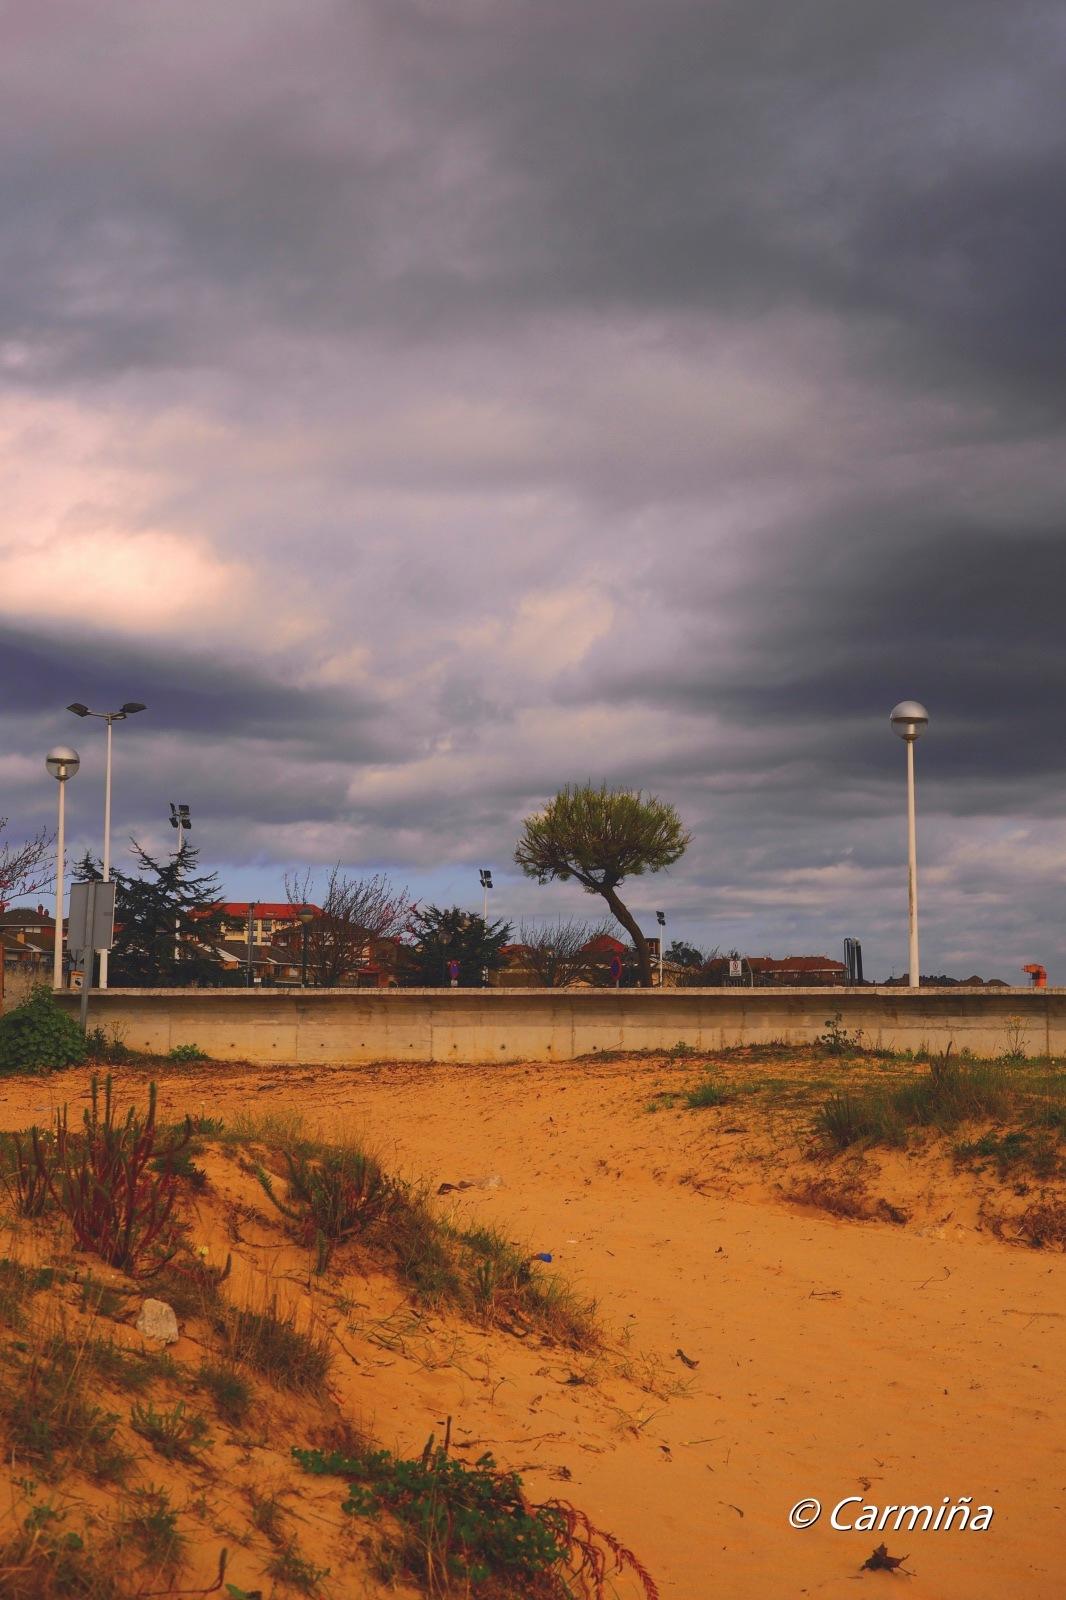 Amenaza de las nubes en Suances by carmina.waterstone